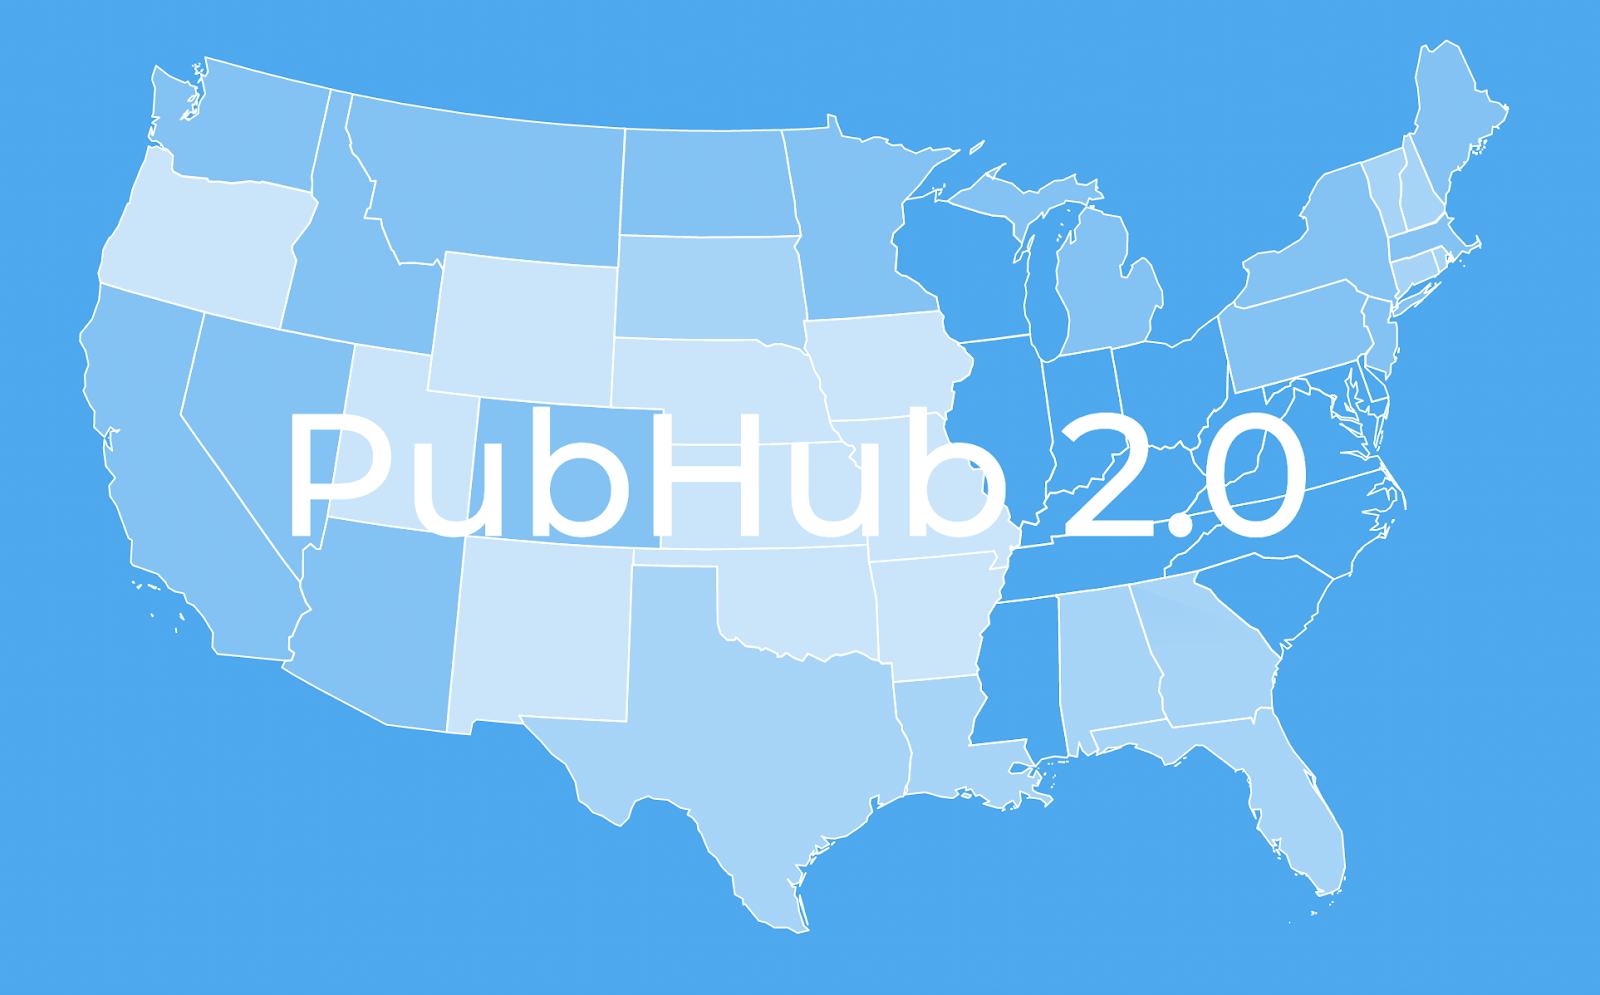 pubhub 2.0 app